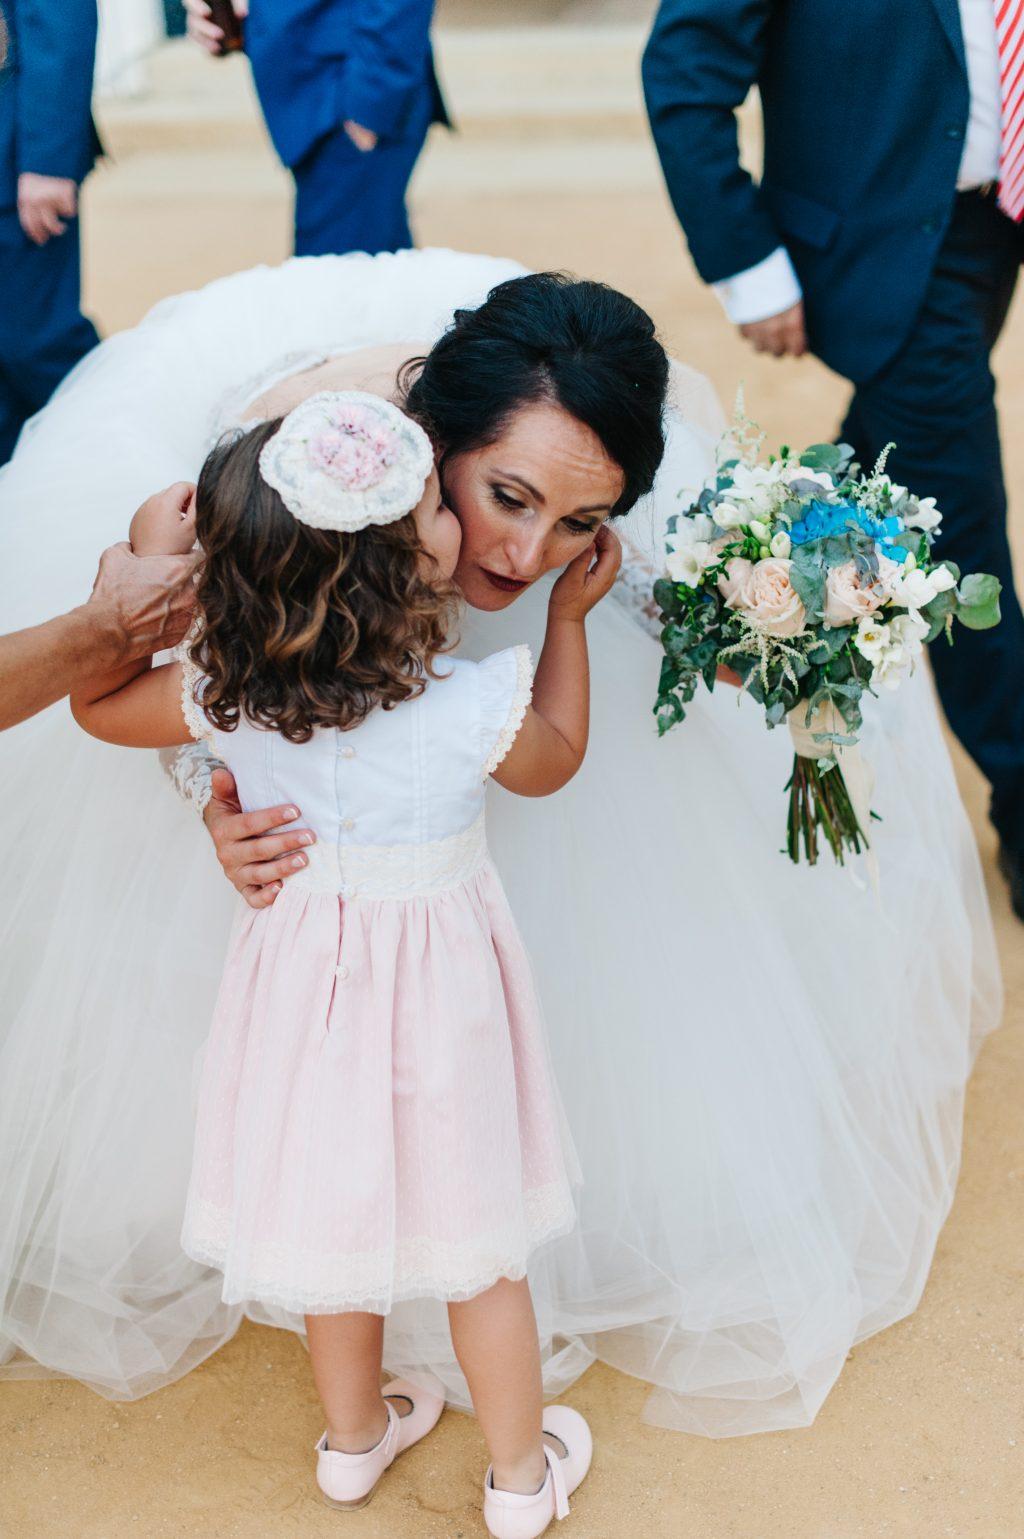 Boda Delphine y Rafa en Cortijo Esparragal 8 - Una Boda de Princesa con Aires Andaluzas